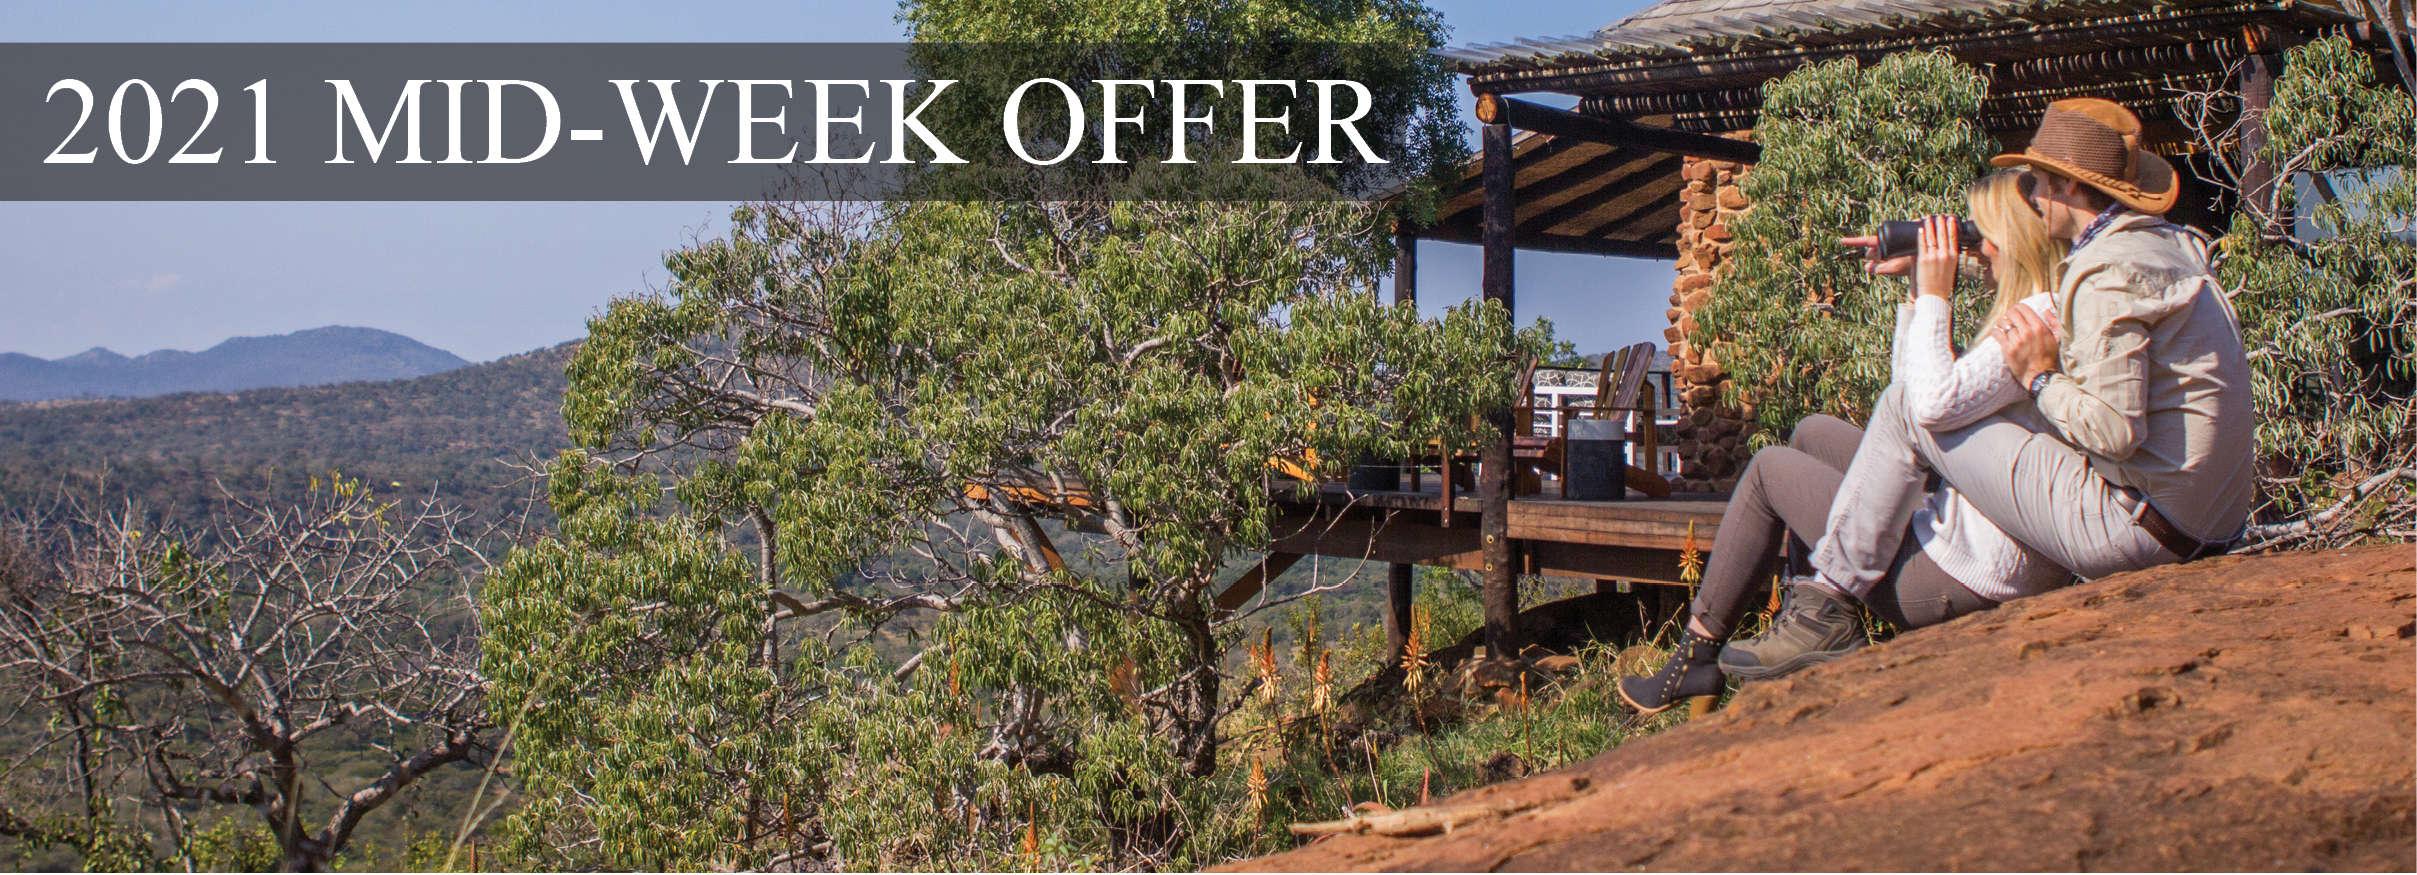 leopard-mountain-lodge-mid-week-offer-2021